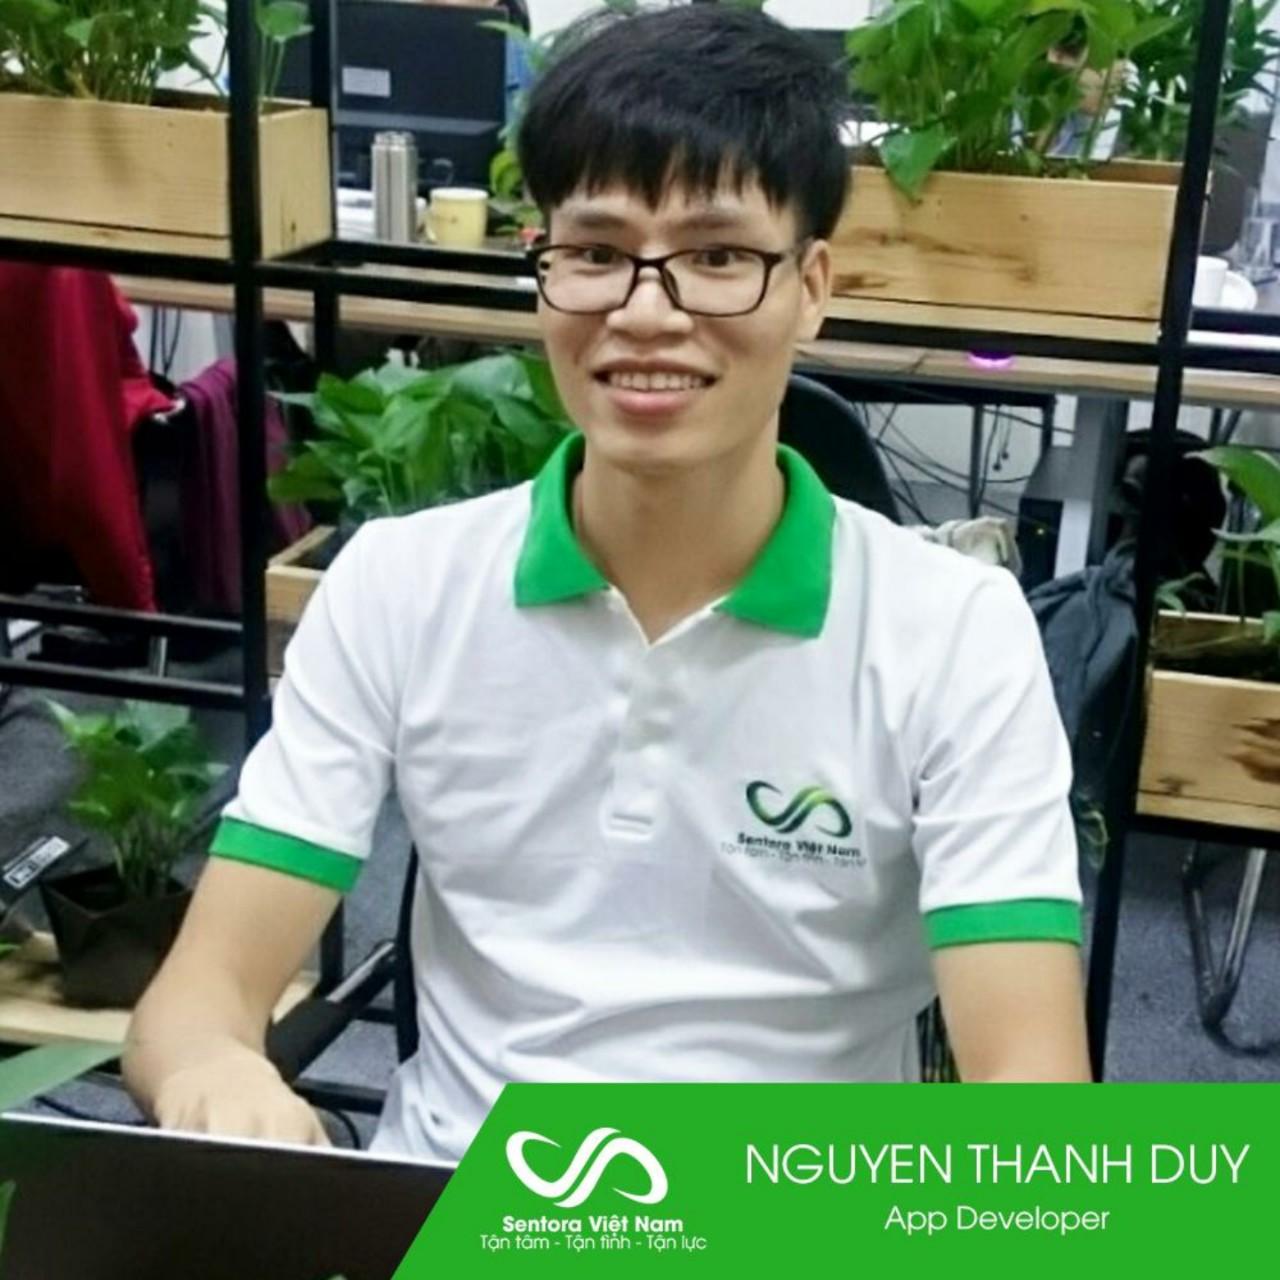 Nguyễn Thành Duy